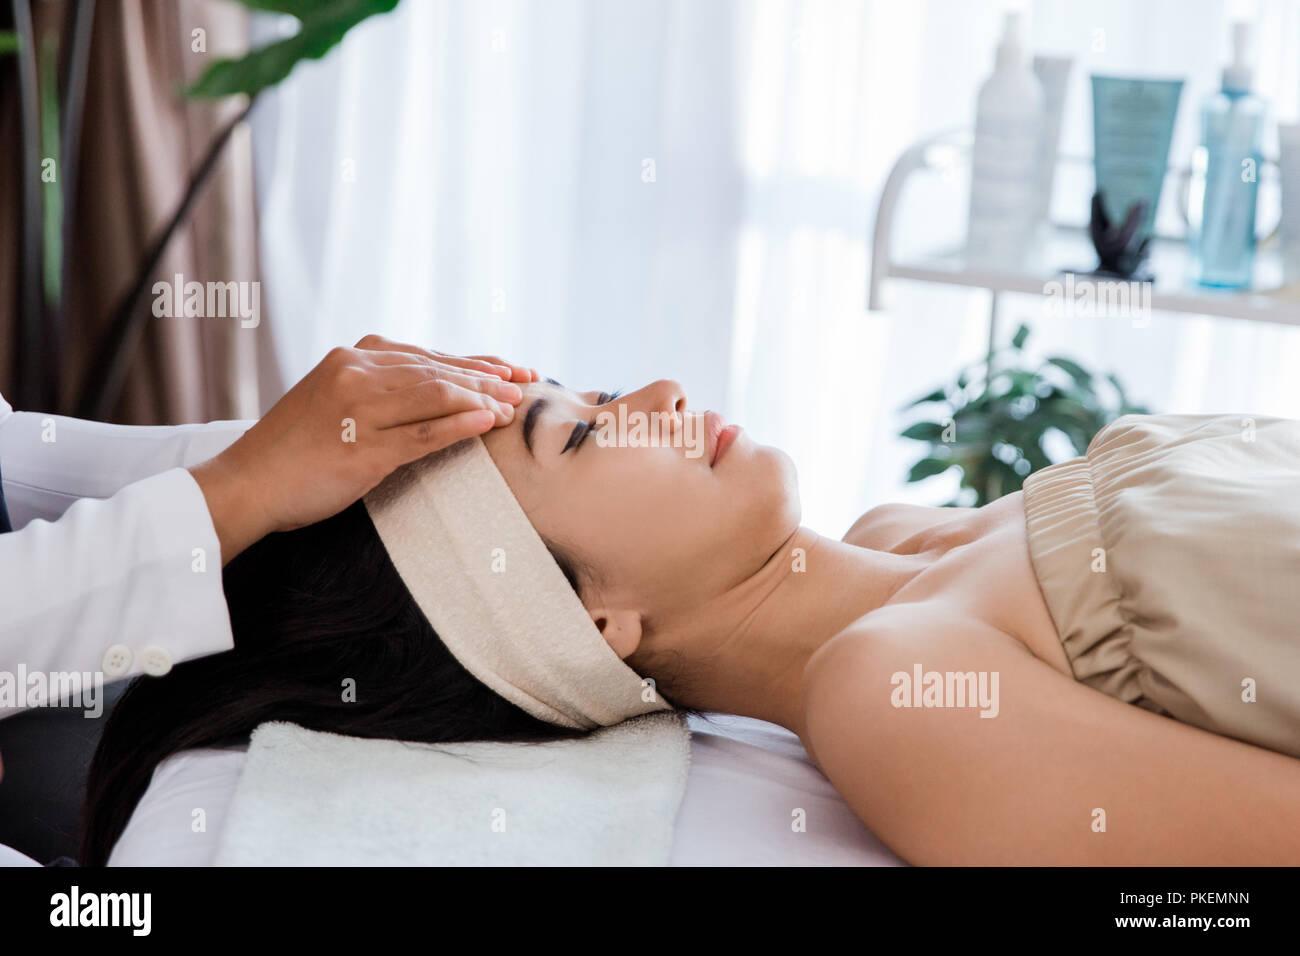 Cerrar mujer disfrutando de masaje Imagen De Stock